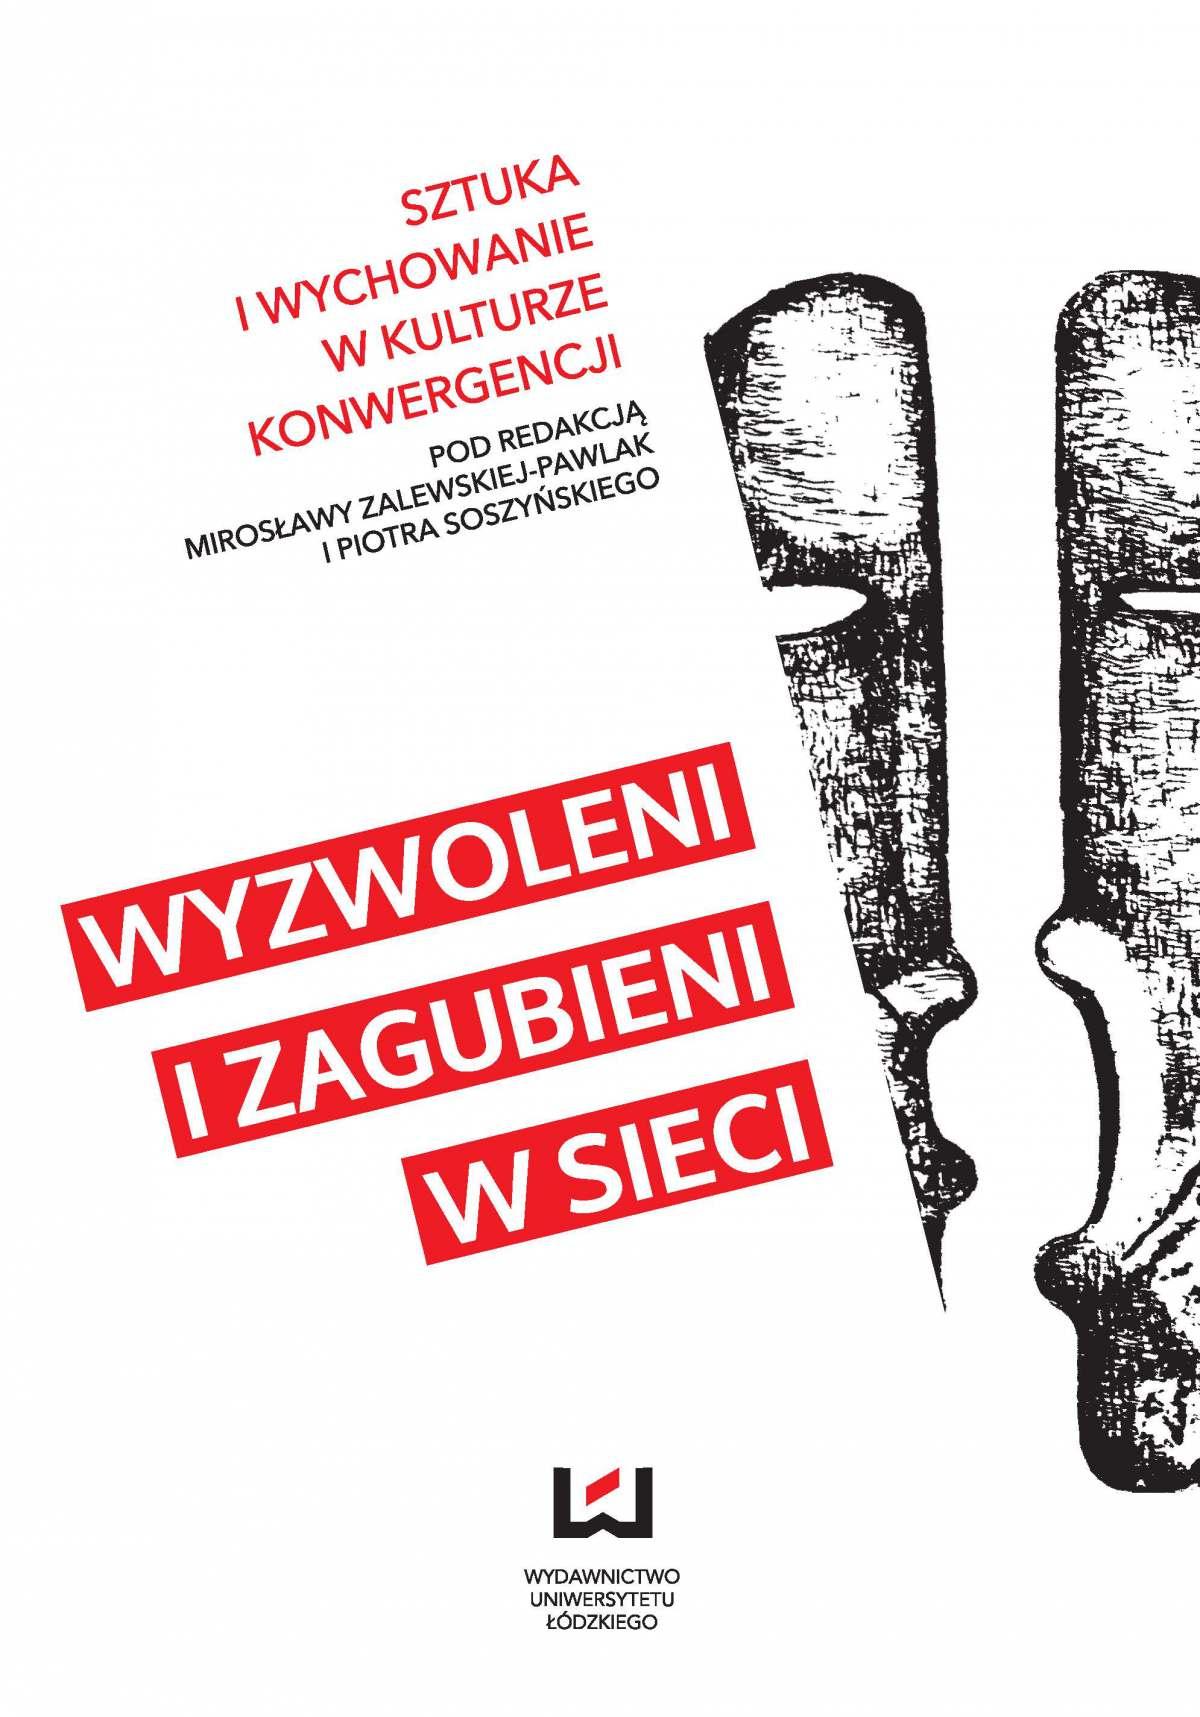 Wyzwoleni i zagubieni w sieci. Sztuka i wychowanie w kulturze konwergencji - Ebook (Książka PDF) do pobrania w formacie PDF